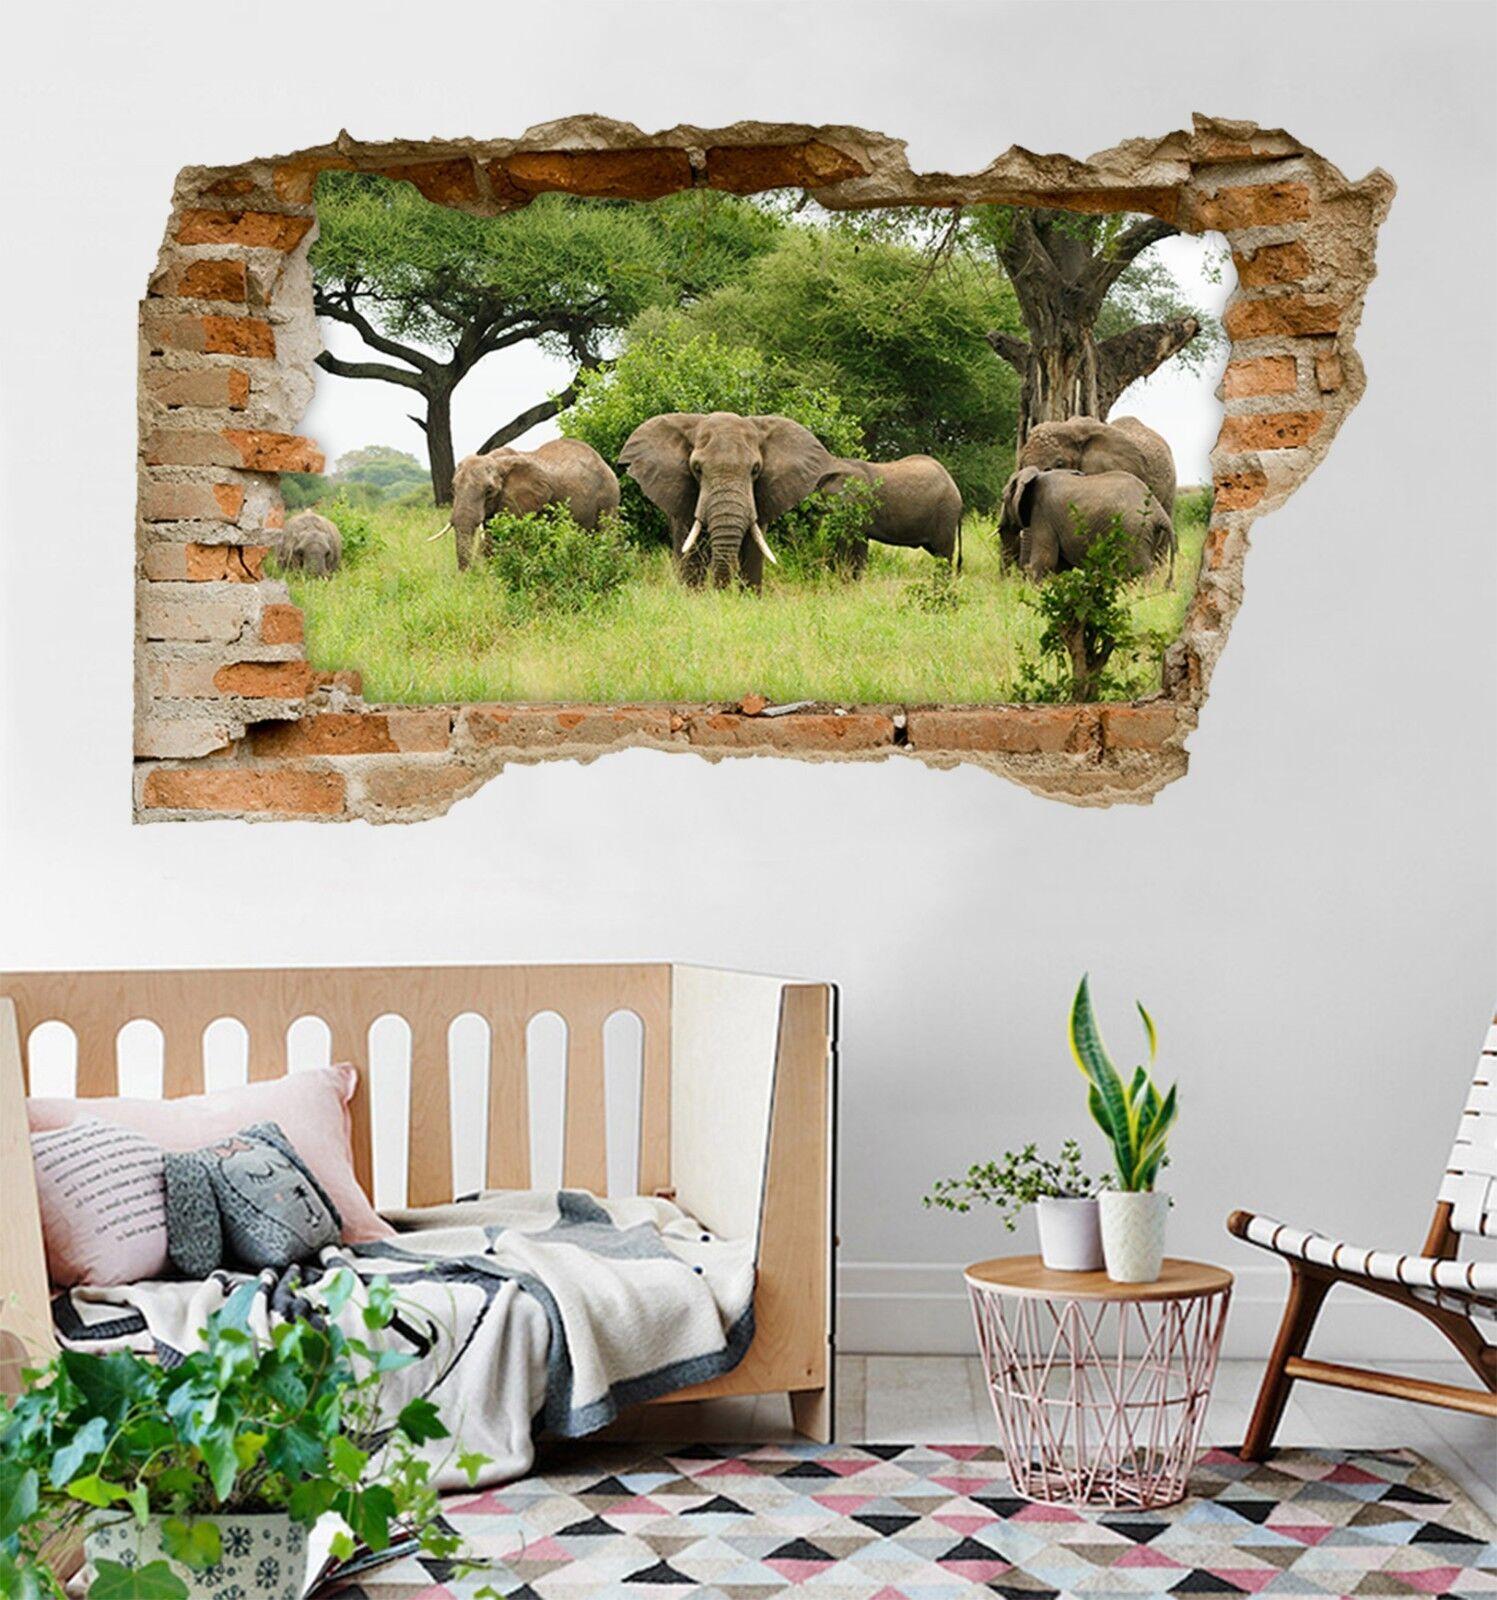 3D Elefanten 299 Mauer Murals Mauer Aufklebe Decal Durchbruch AJ WALLPAPER DE